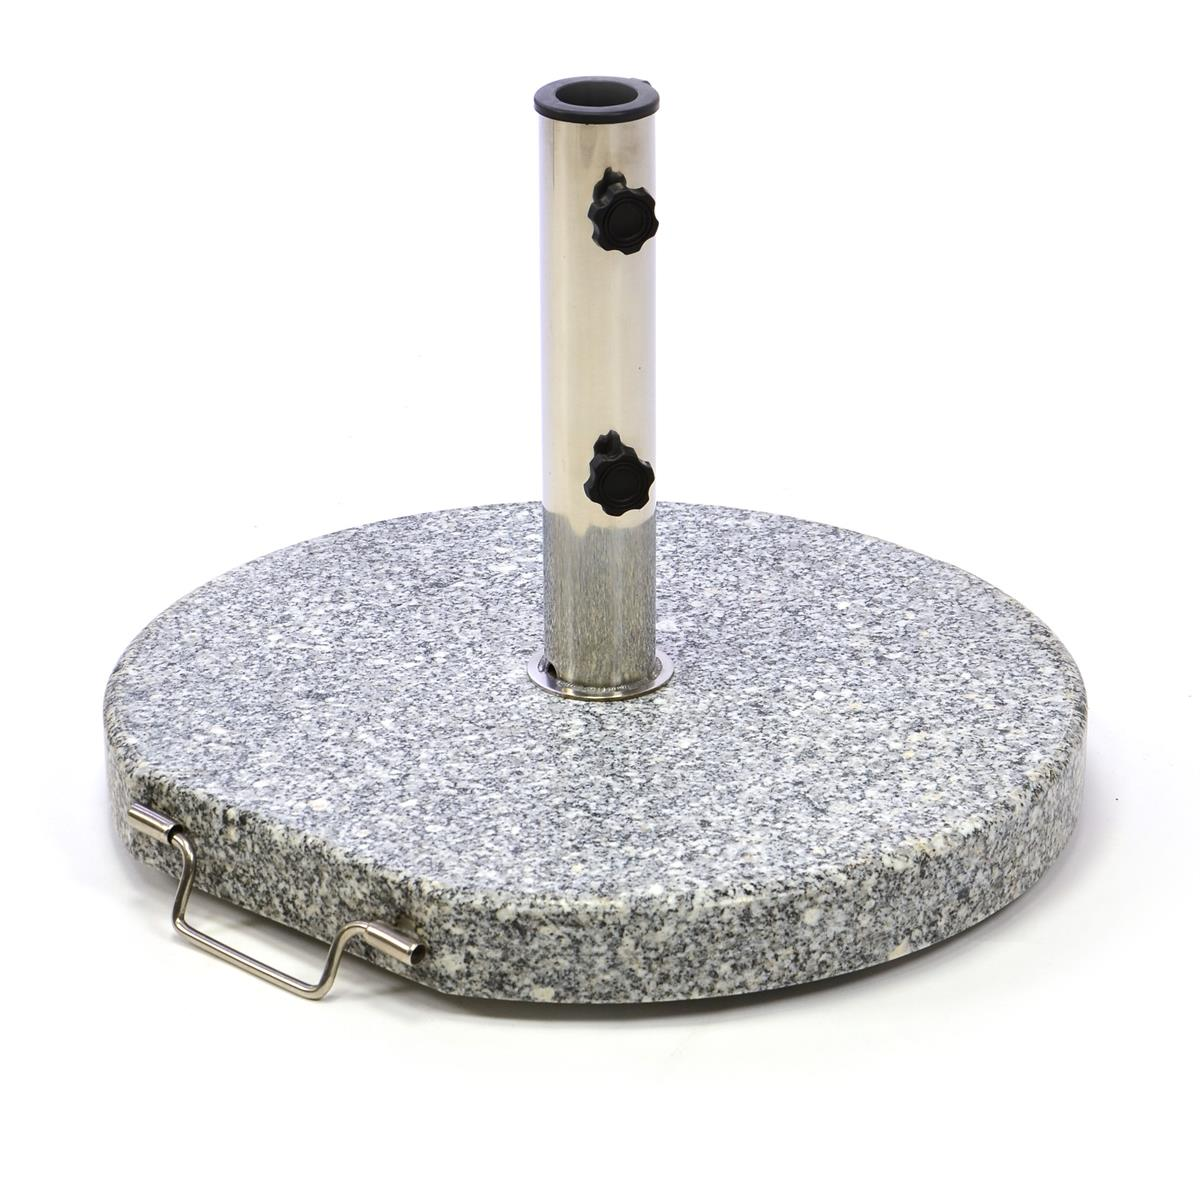 Sonnenschirmständer 20kg Granit grau rund Ø 40cm Edelstahlhülse Naturstein